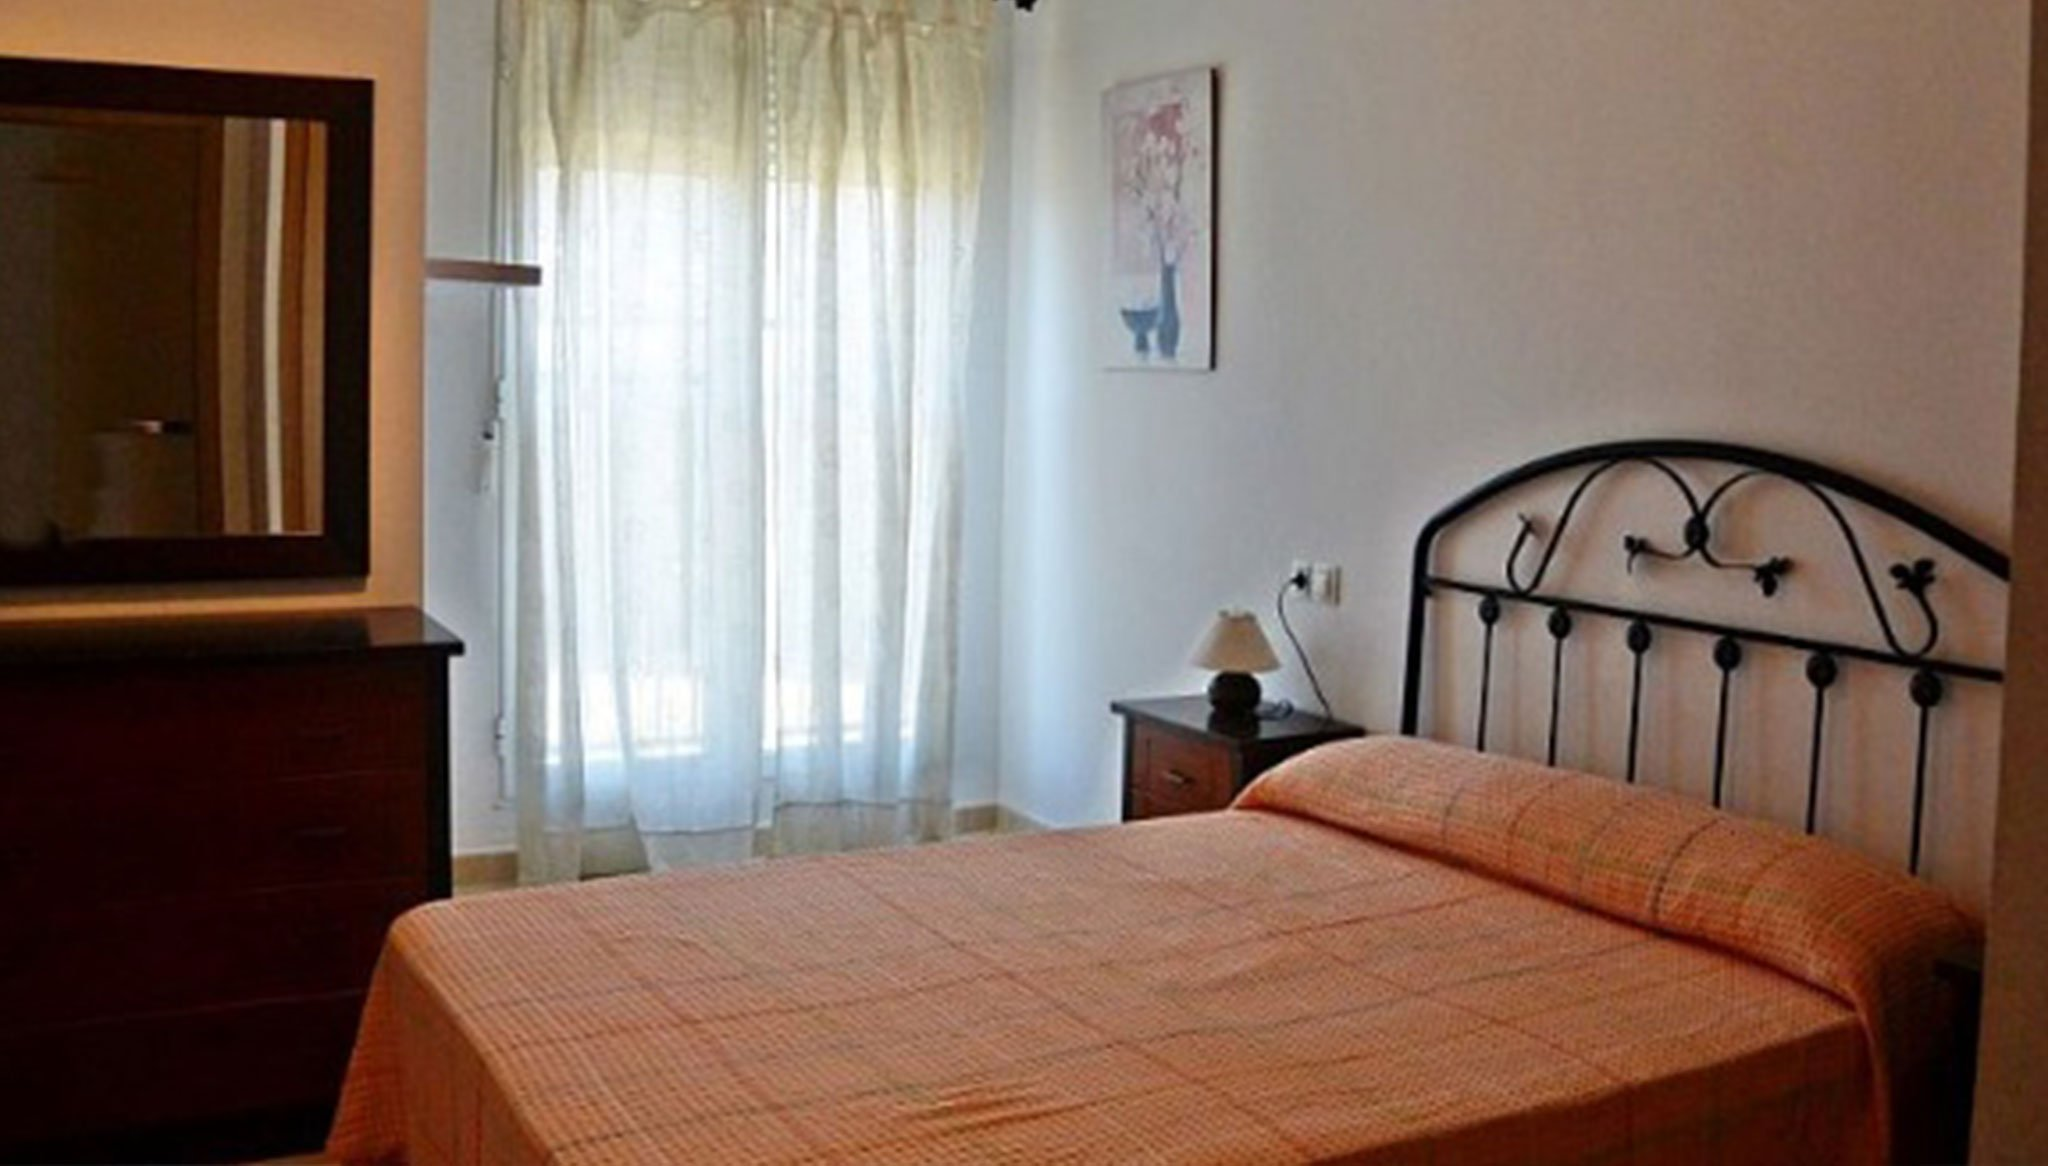 Продается одна из двух комнат дуплекса - Еврохолдинг